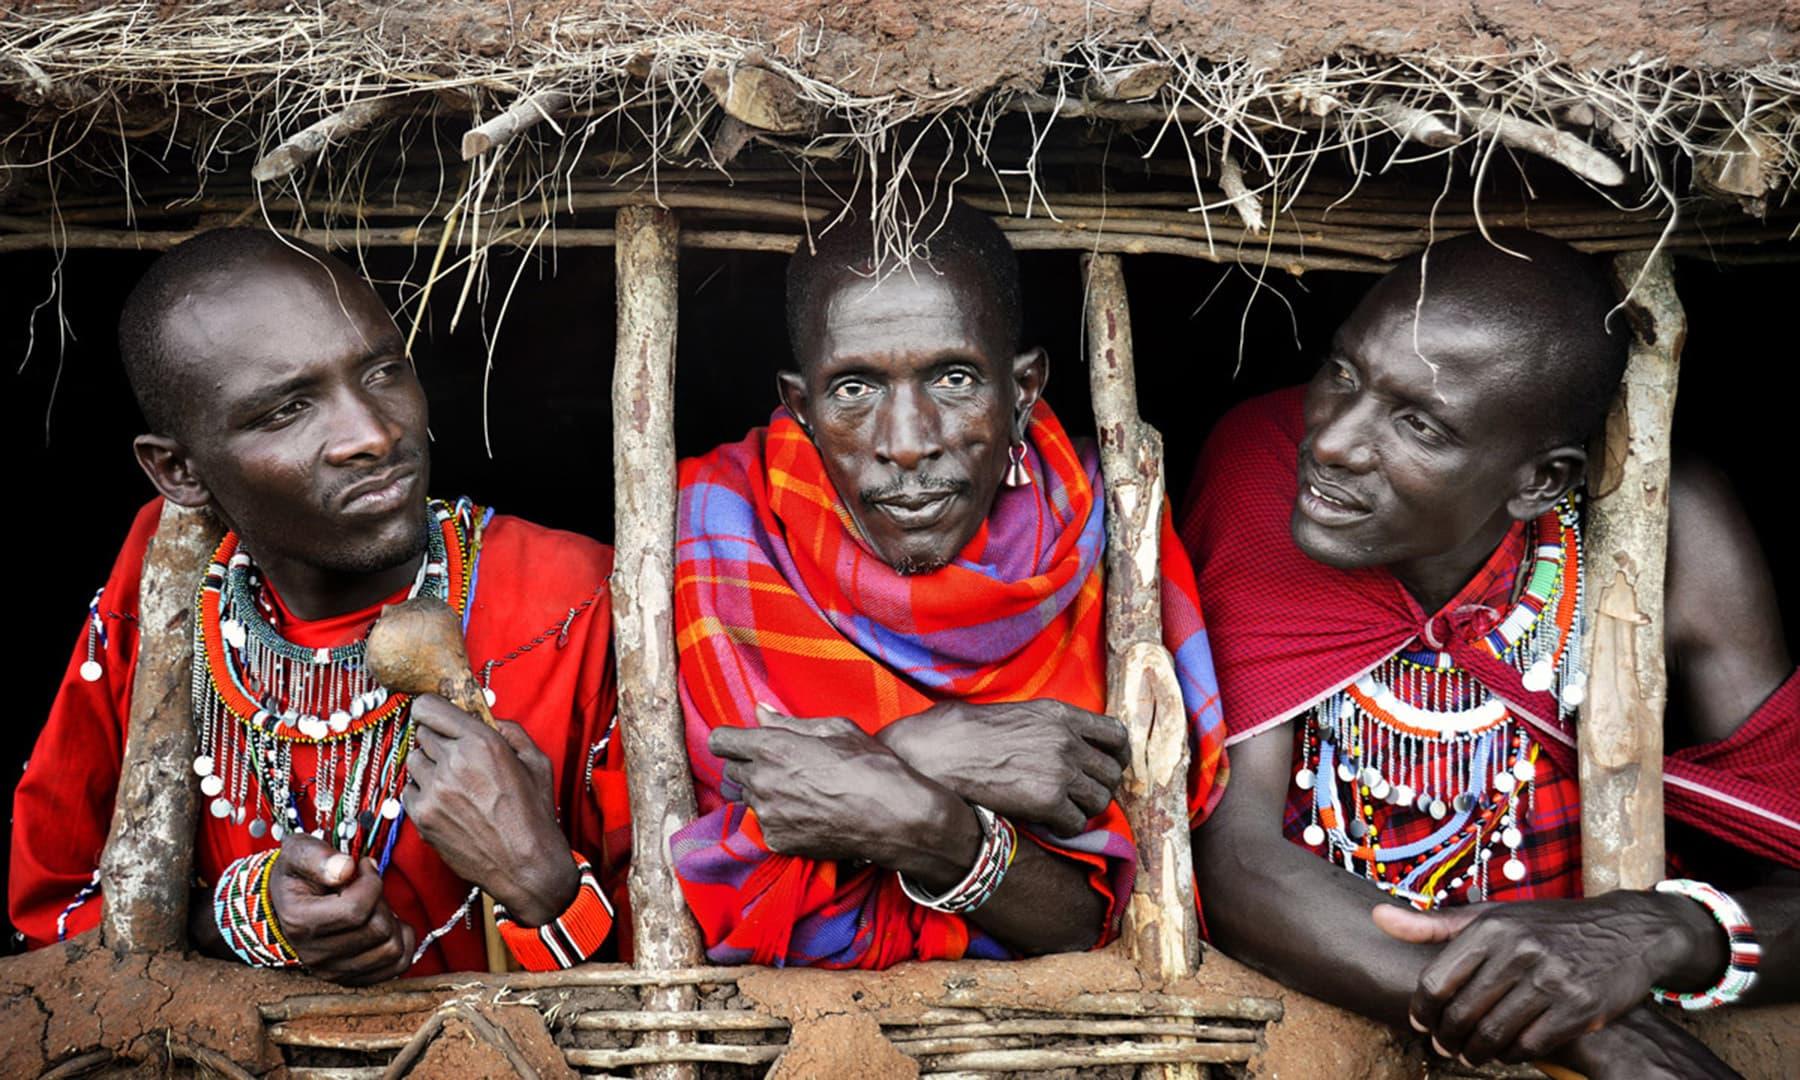 نیروبی میں ماسائی قبیلے کے جنگجو— فوٹو عظمت اکبر